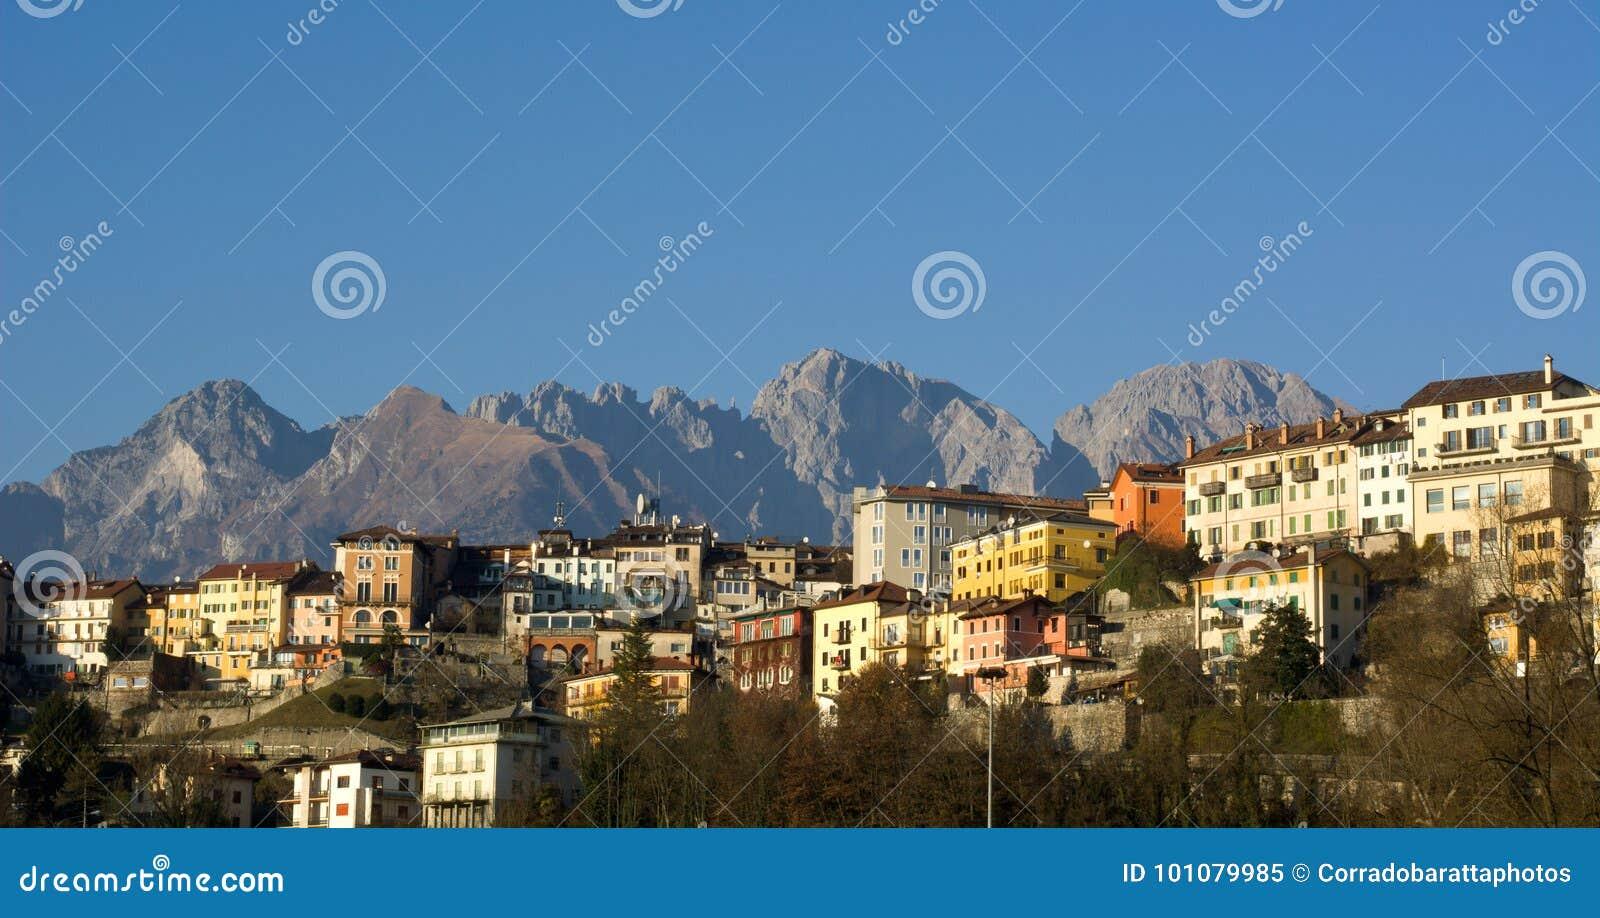 Landschaften der Stadt von Belluno, mit der Schiara-Gruppe im Hintergrund